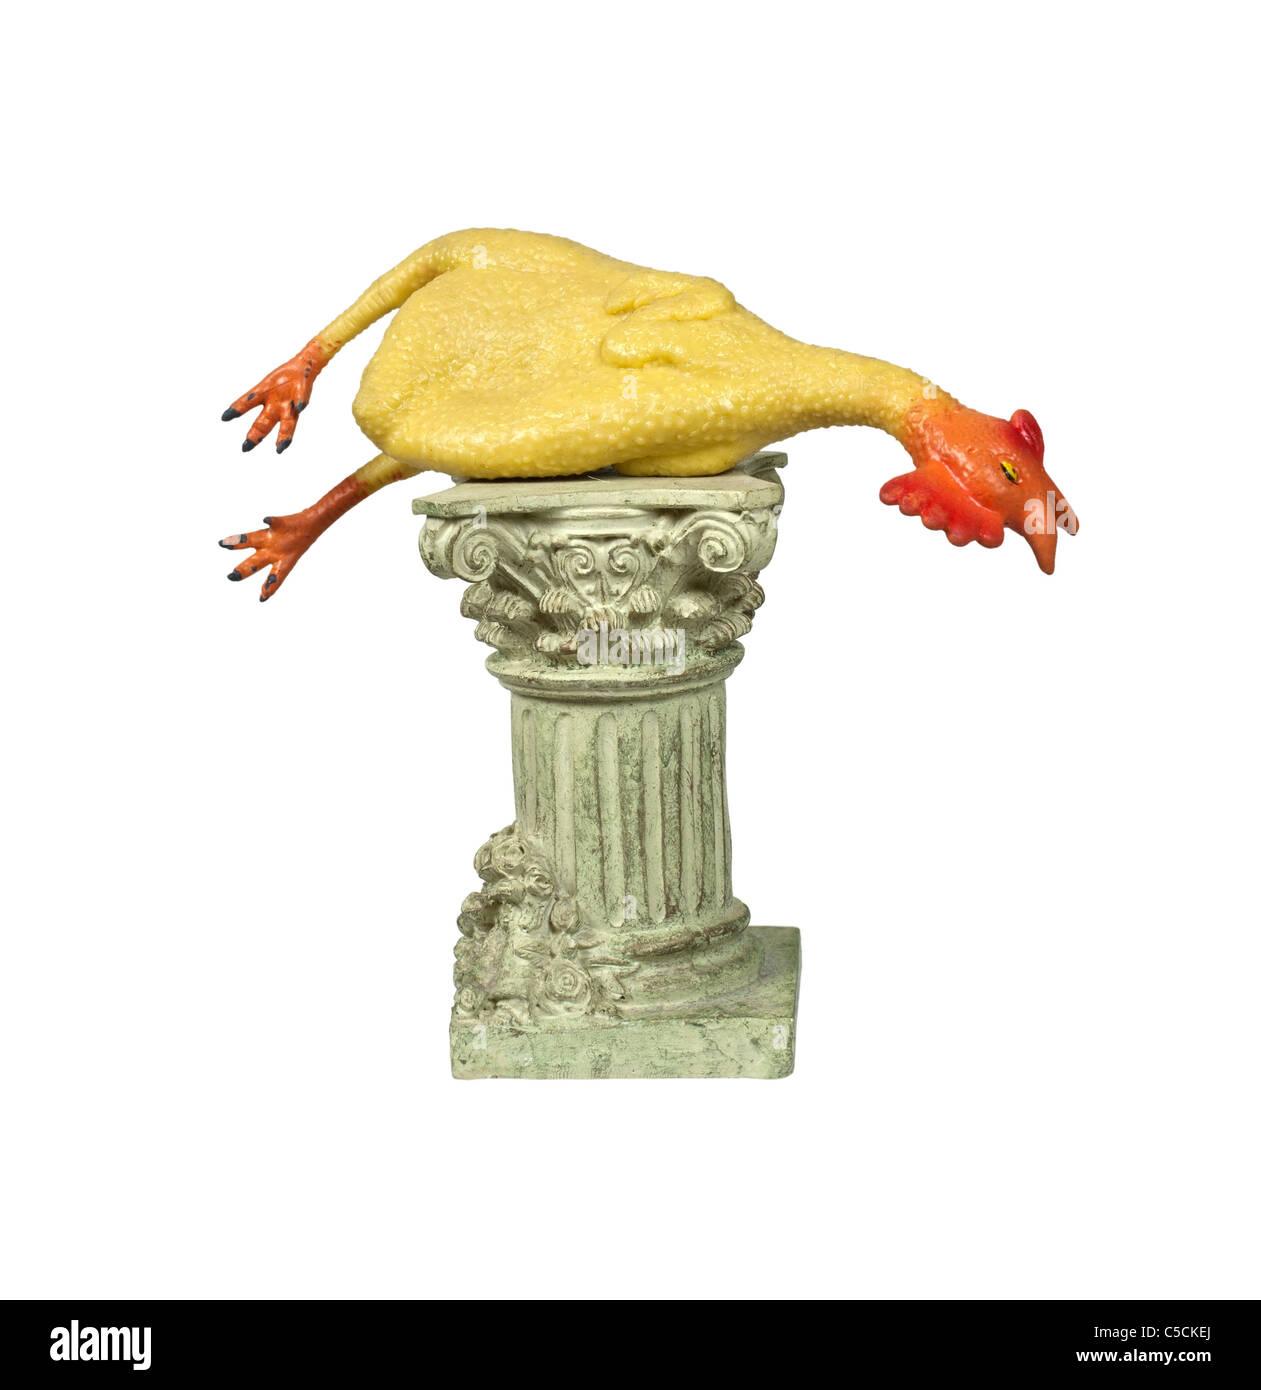 Blague classique illustré par un poulet en caoutchouc sur un piédestal en pierre formelle - chemin inclus Photo Stock